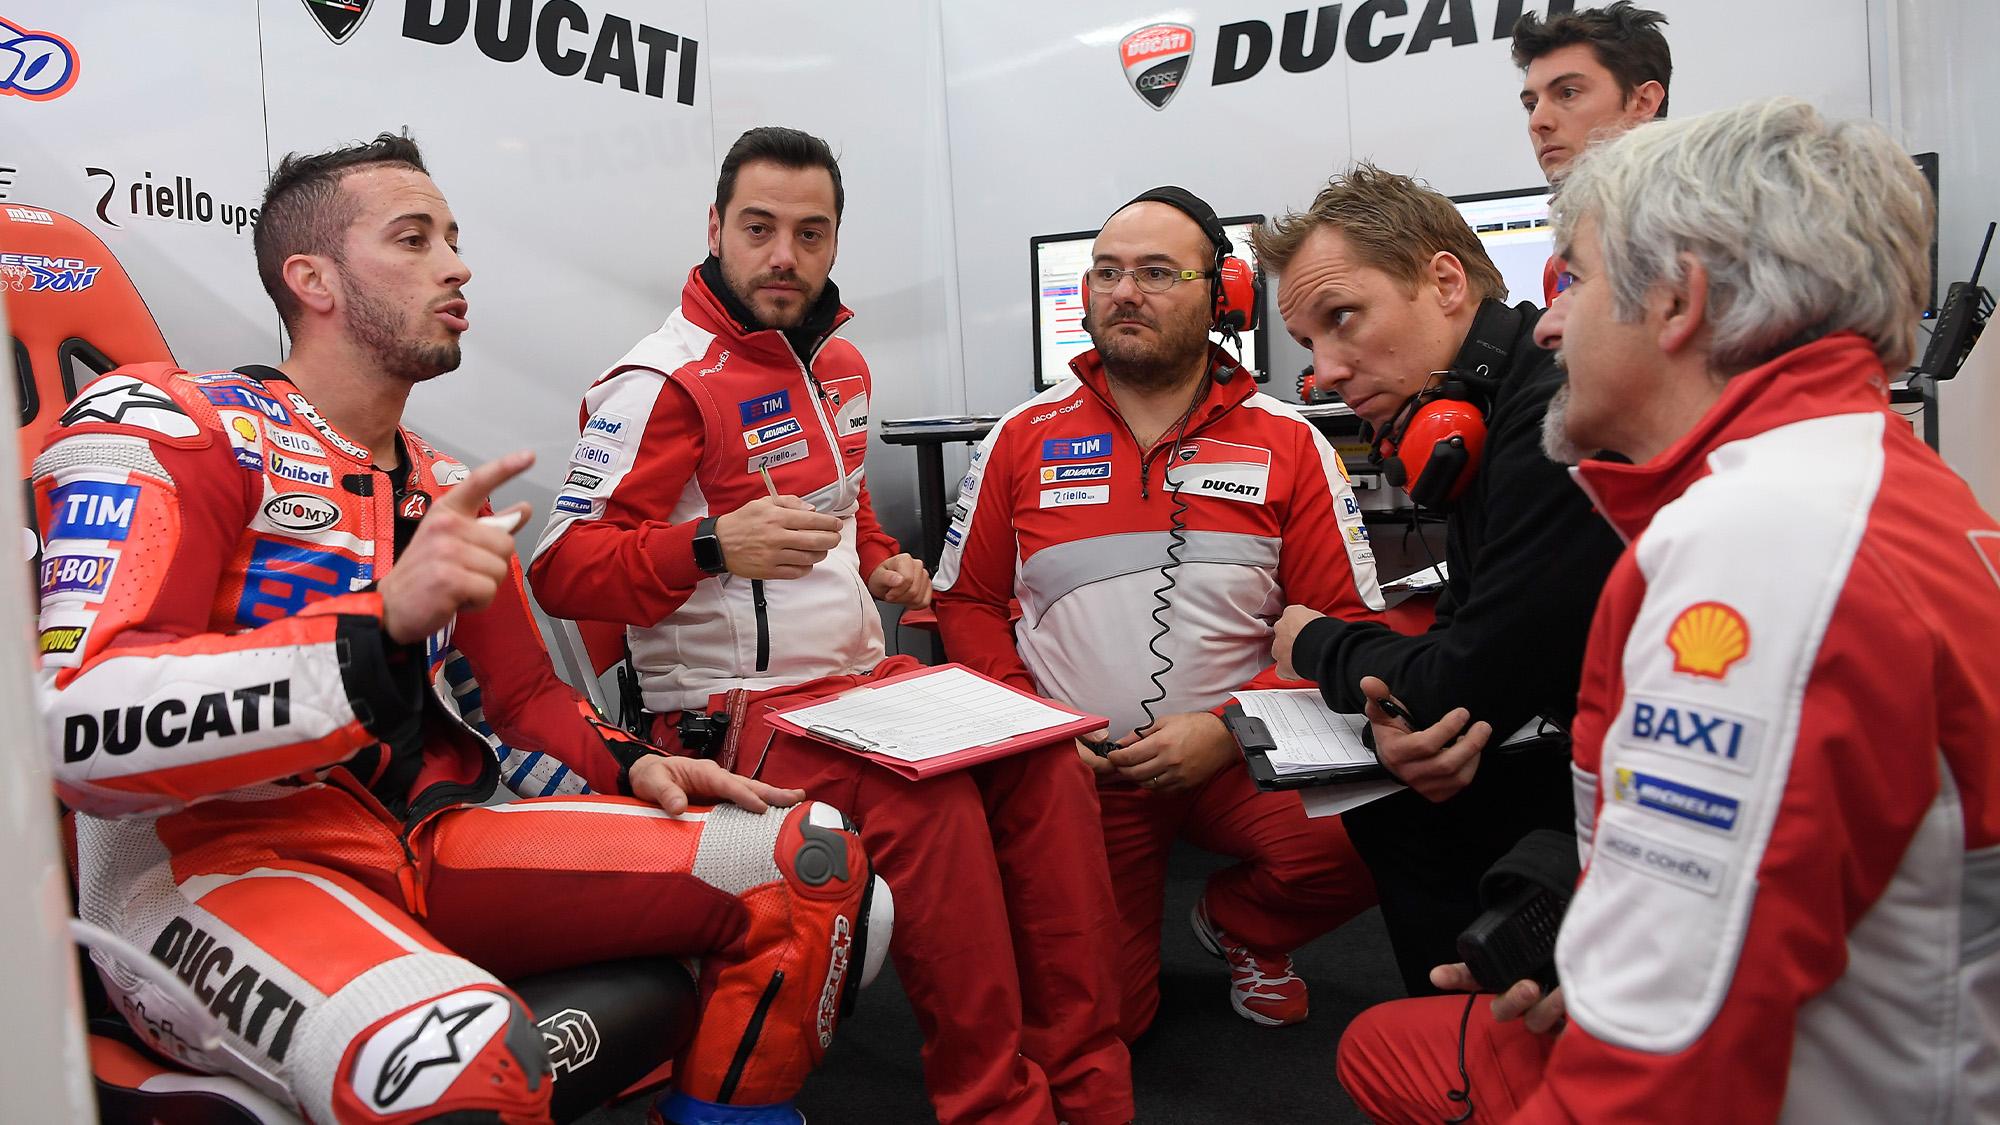 Andrea Dovizioso in Ducati debrief with Peter Bergvall